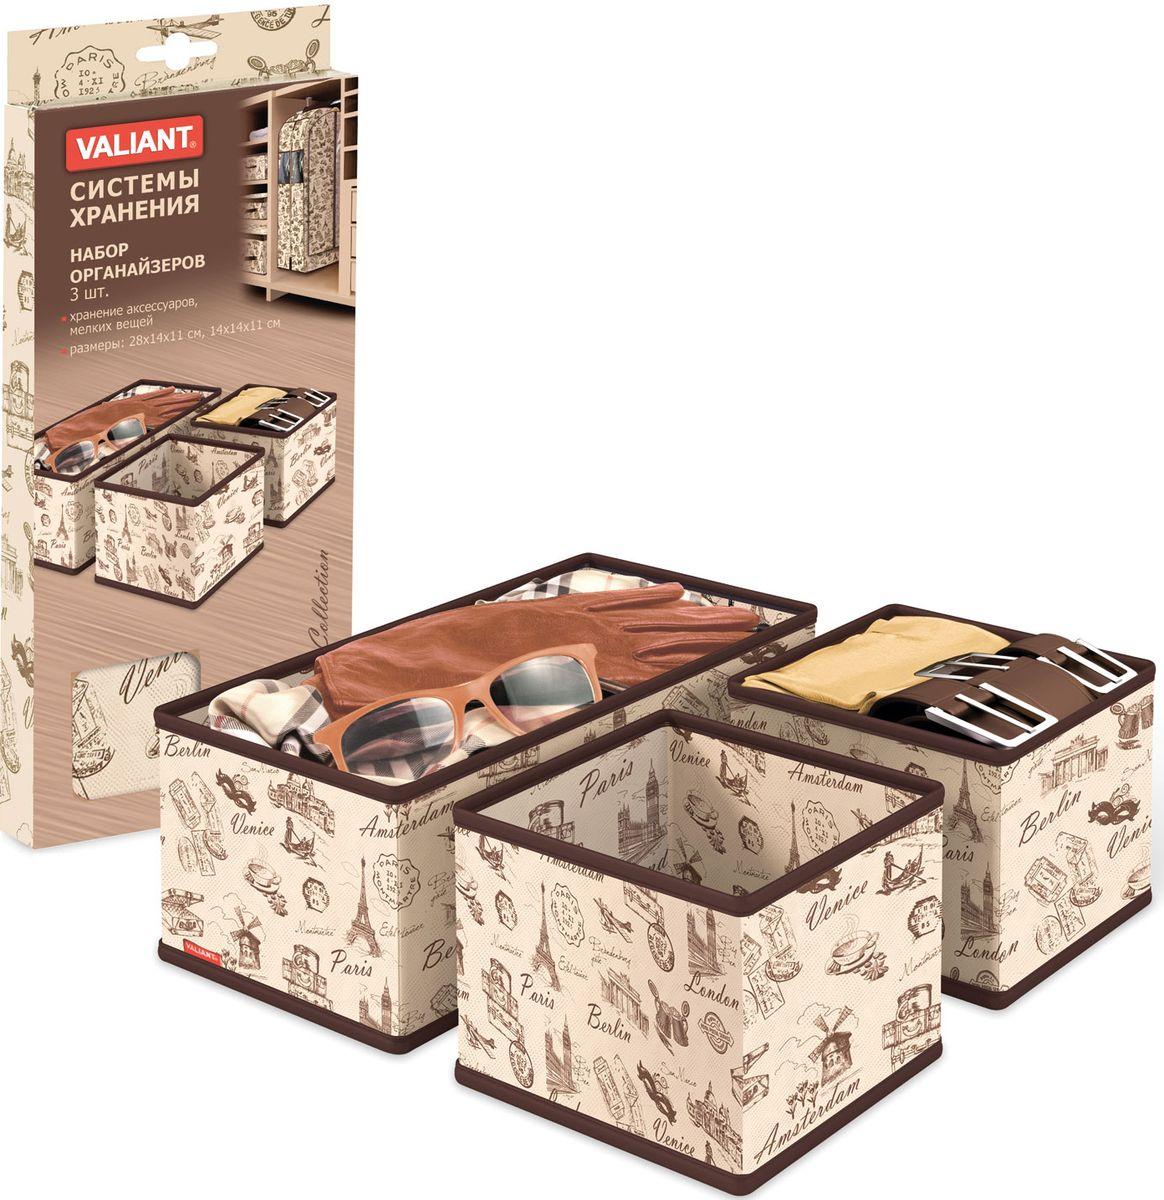 Набор органайзеров Valiant Collection, 3 штCLP446Набор Valiant Collection состоит из трех органайзеров для хранения аксессуаров. Изделия выполнены из высококачественного нетканого материала (спанбонда), который обеспечивает естественную вентиляцию, позволяя воздуху проникать внутрь, но не пропускает пыль. Вставки из плотного картона хорошо держат форму.Система хранения Collection создаст трогательную атмосферу романтического настроения. Оригинальный дизайн придется по вкусу ценительницам эстетичного хранения. Размер органайзеров: 28 х 14 х 11 см, 14 х 14 х 11 см.